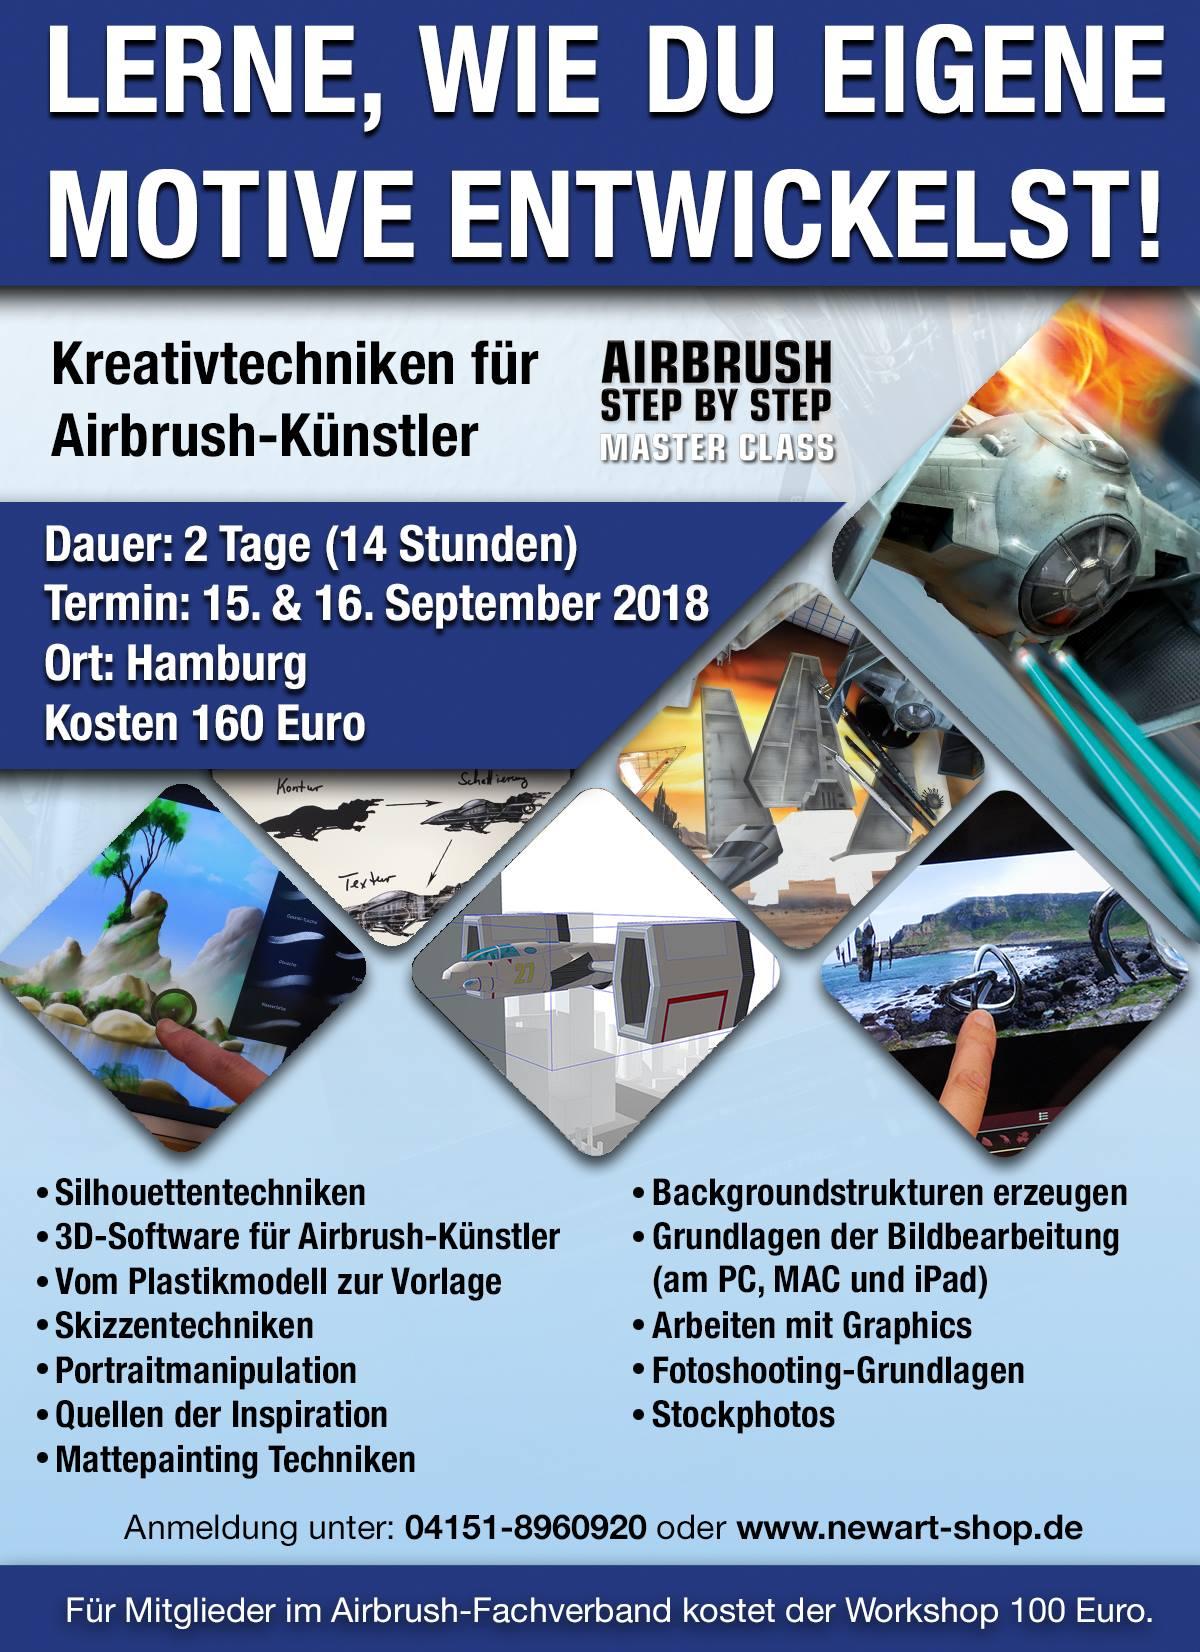 ASBS Masterclass: Kreativ-Techniken für Airbrush-Künstler im September